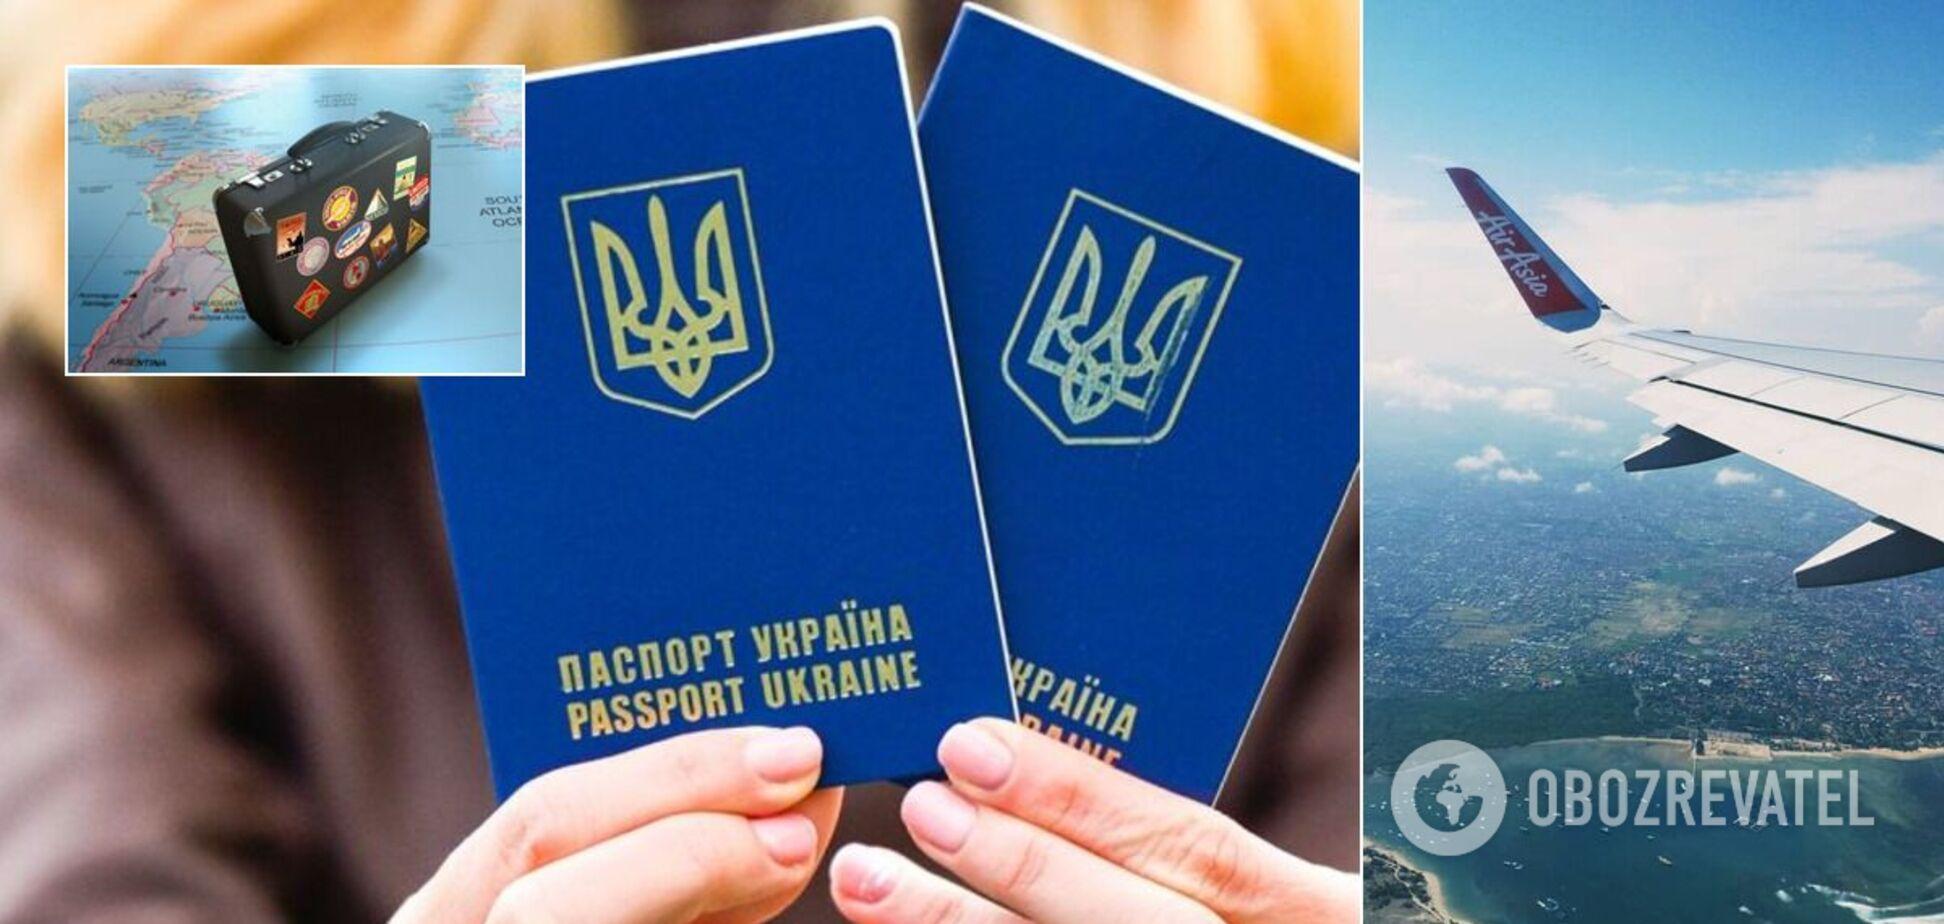 Названы 10 самых популярных стран среди украинцев: куда чаще путешествовали. Инфографика